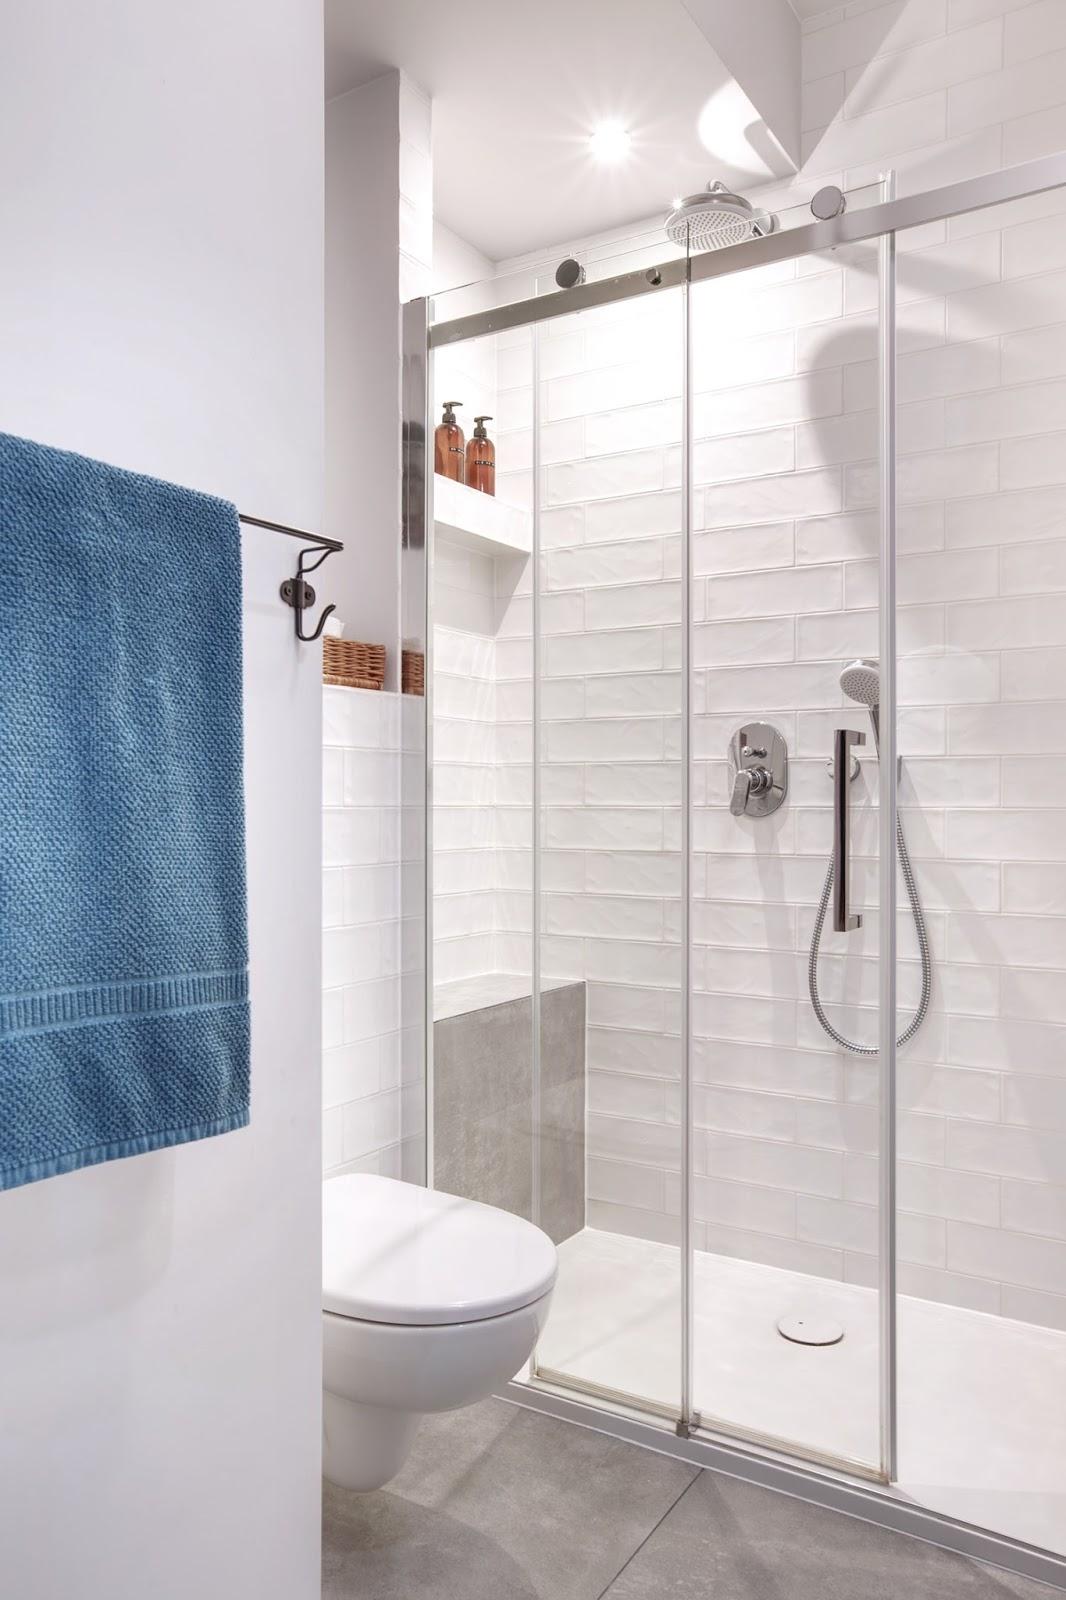 drzwi przesuwne brodzik kabina prysznic